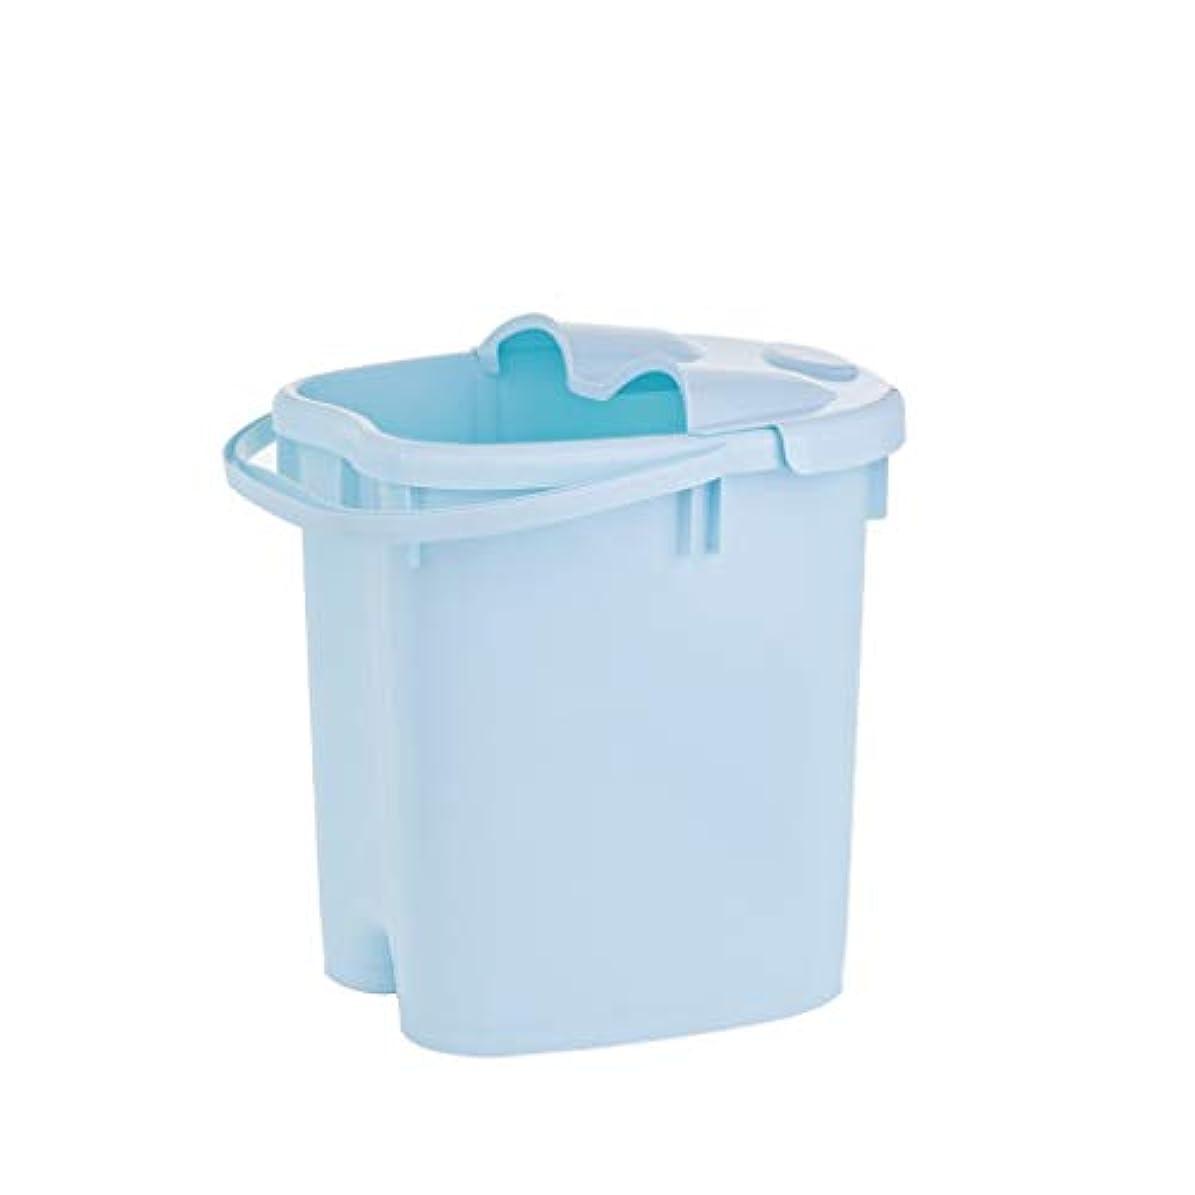 スクランブル不完全な腕フットバスバレル- ?AMT携帯用高まりのマッサージの浴槽のふたの熱保存のフィートの洗面器の世帯が付いている大人のフットバスのバケツ Relax foot (色 : 青, サイズ さいず : 39cm high)